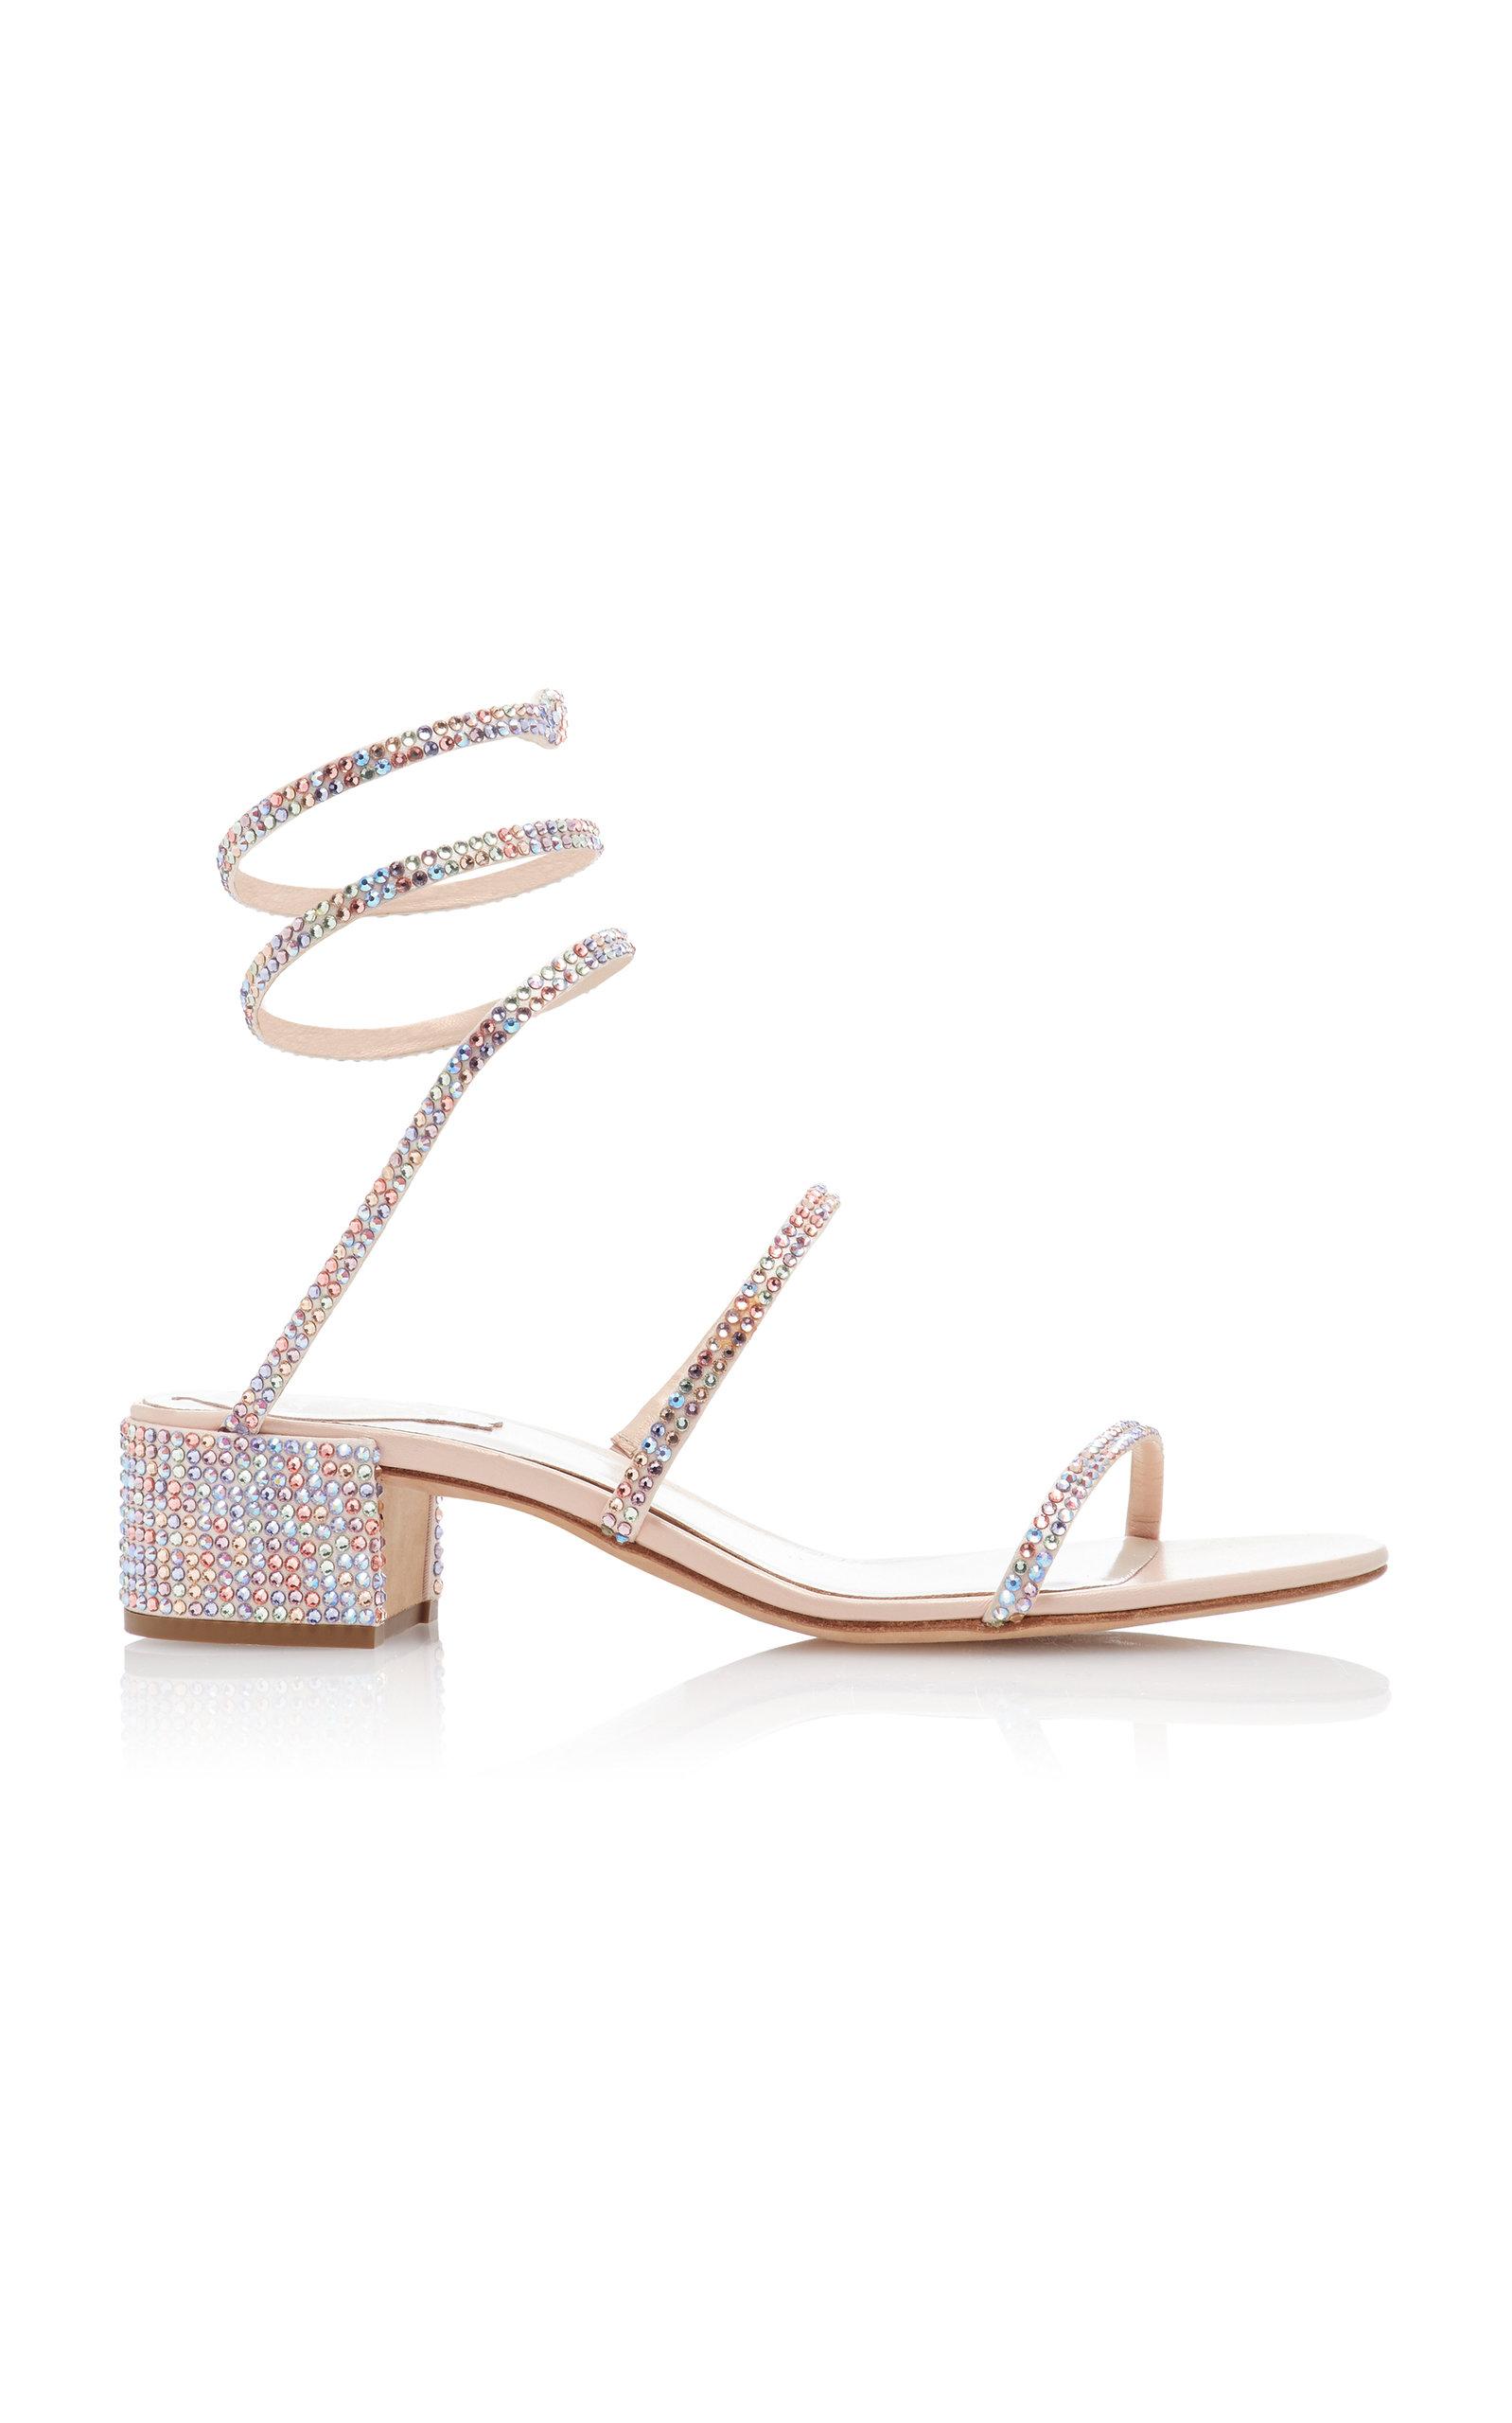 f2035ecec Rene CaovillaCrystal-Embellished Satin Sandals. CLOSE. Loading